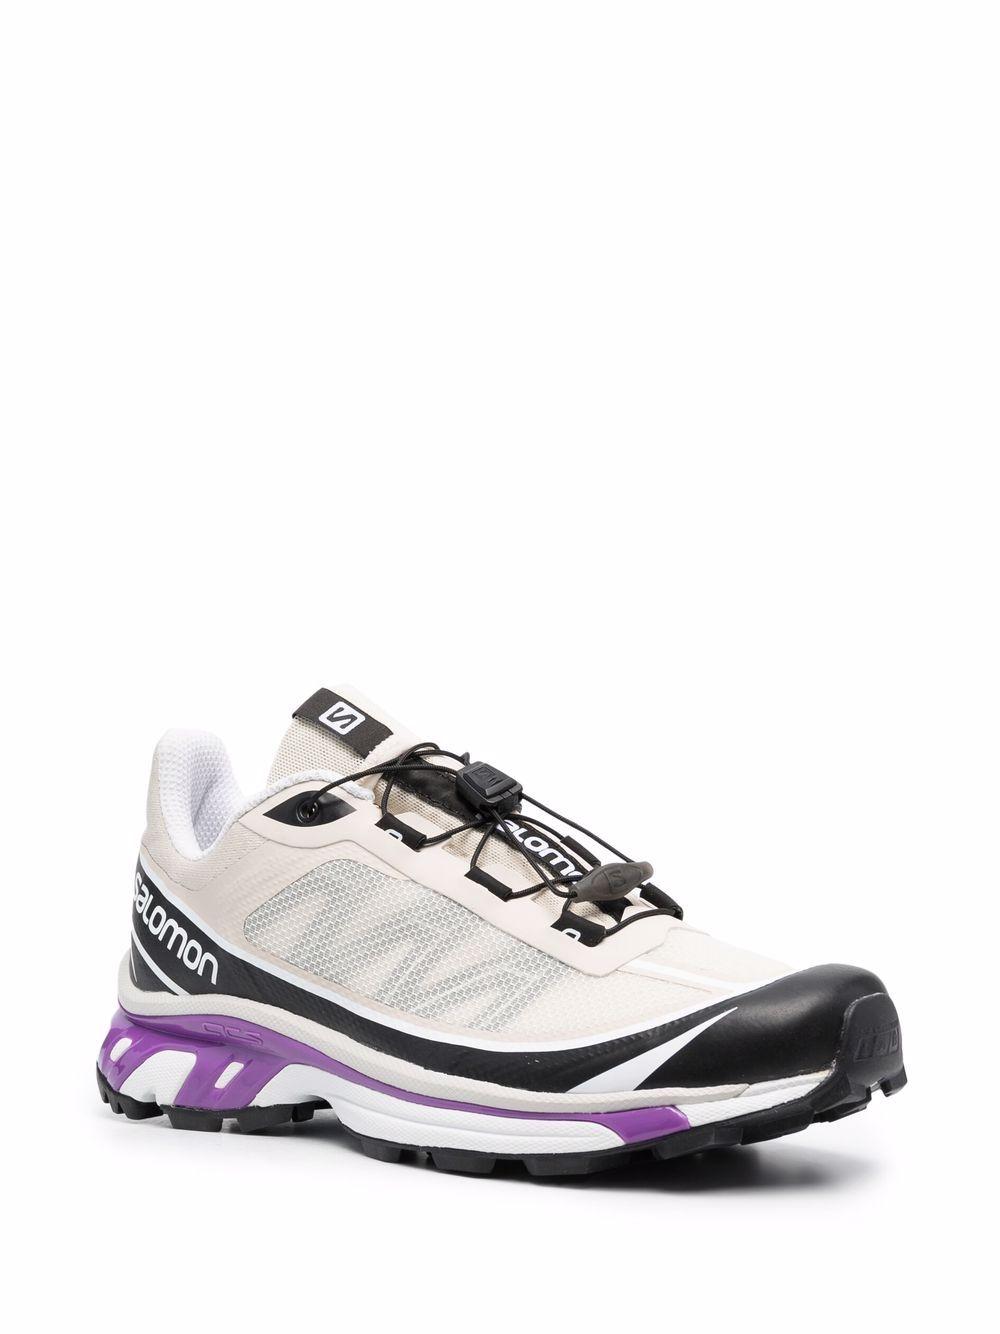 xt-6 sneakers man white SALOMON S/LAB   Sneakers   L41470500